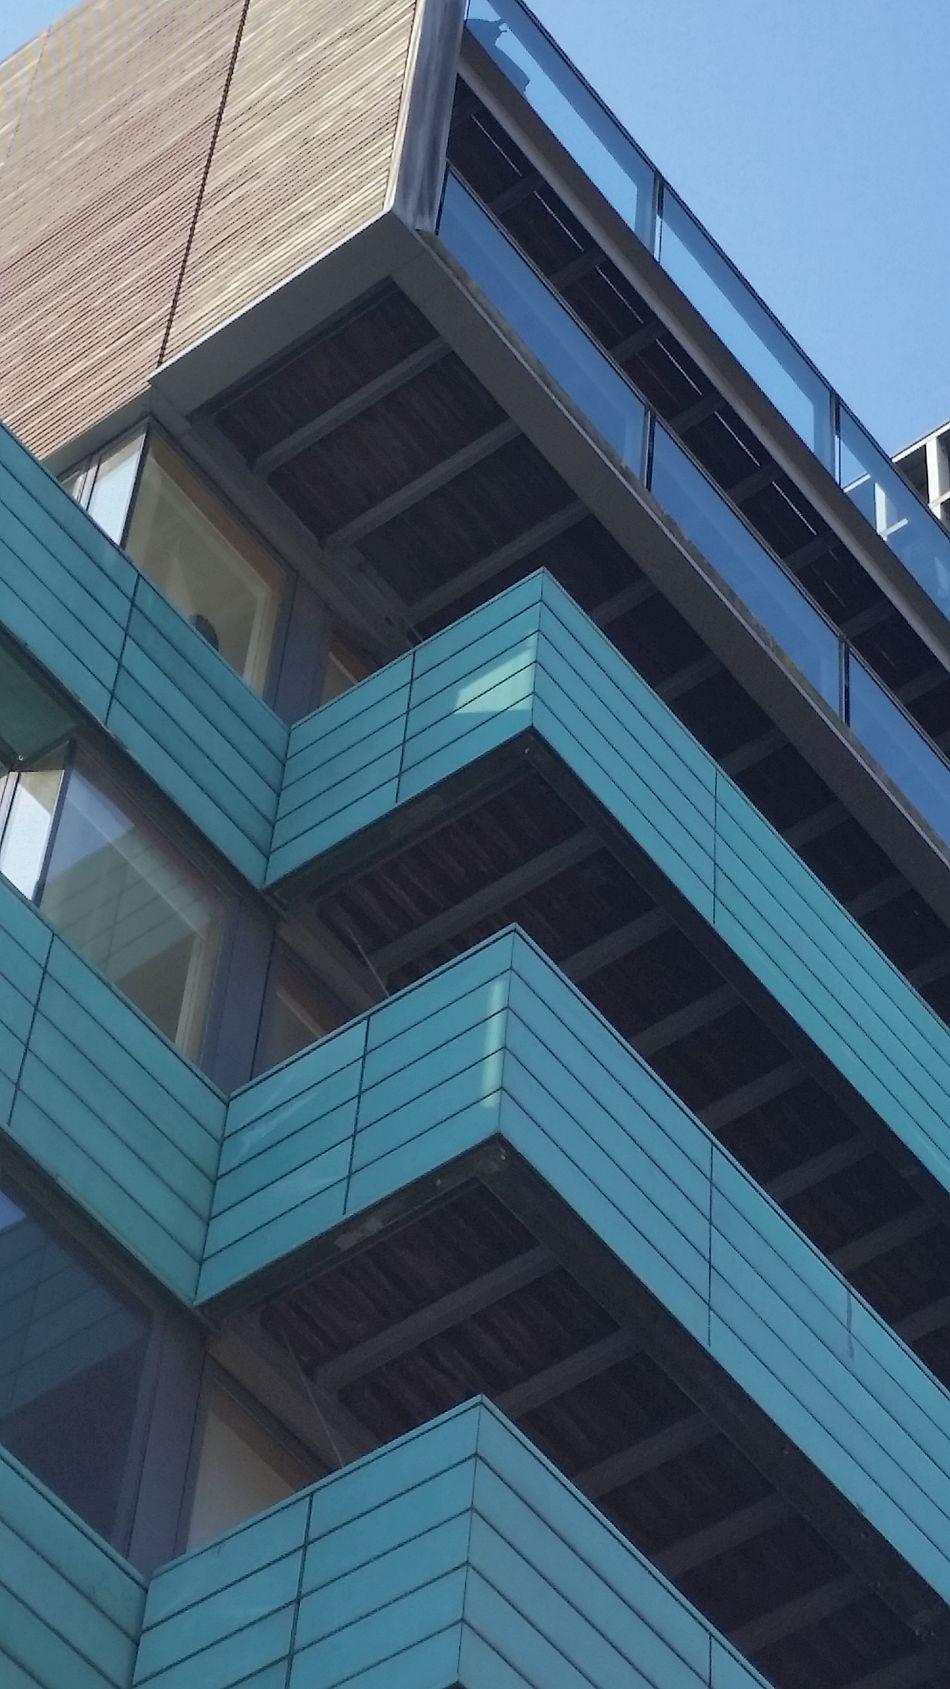 Architecture Building Exterior Sky Blue Hoxton London Lifestyle